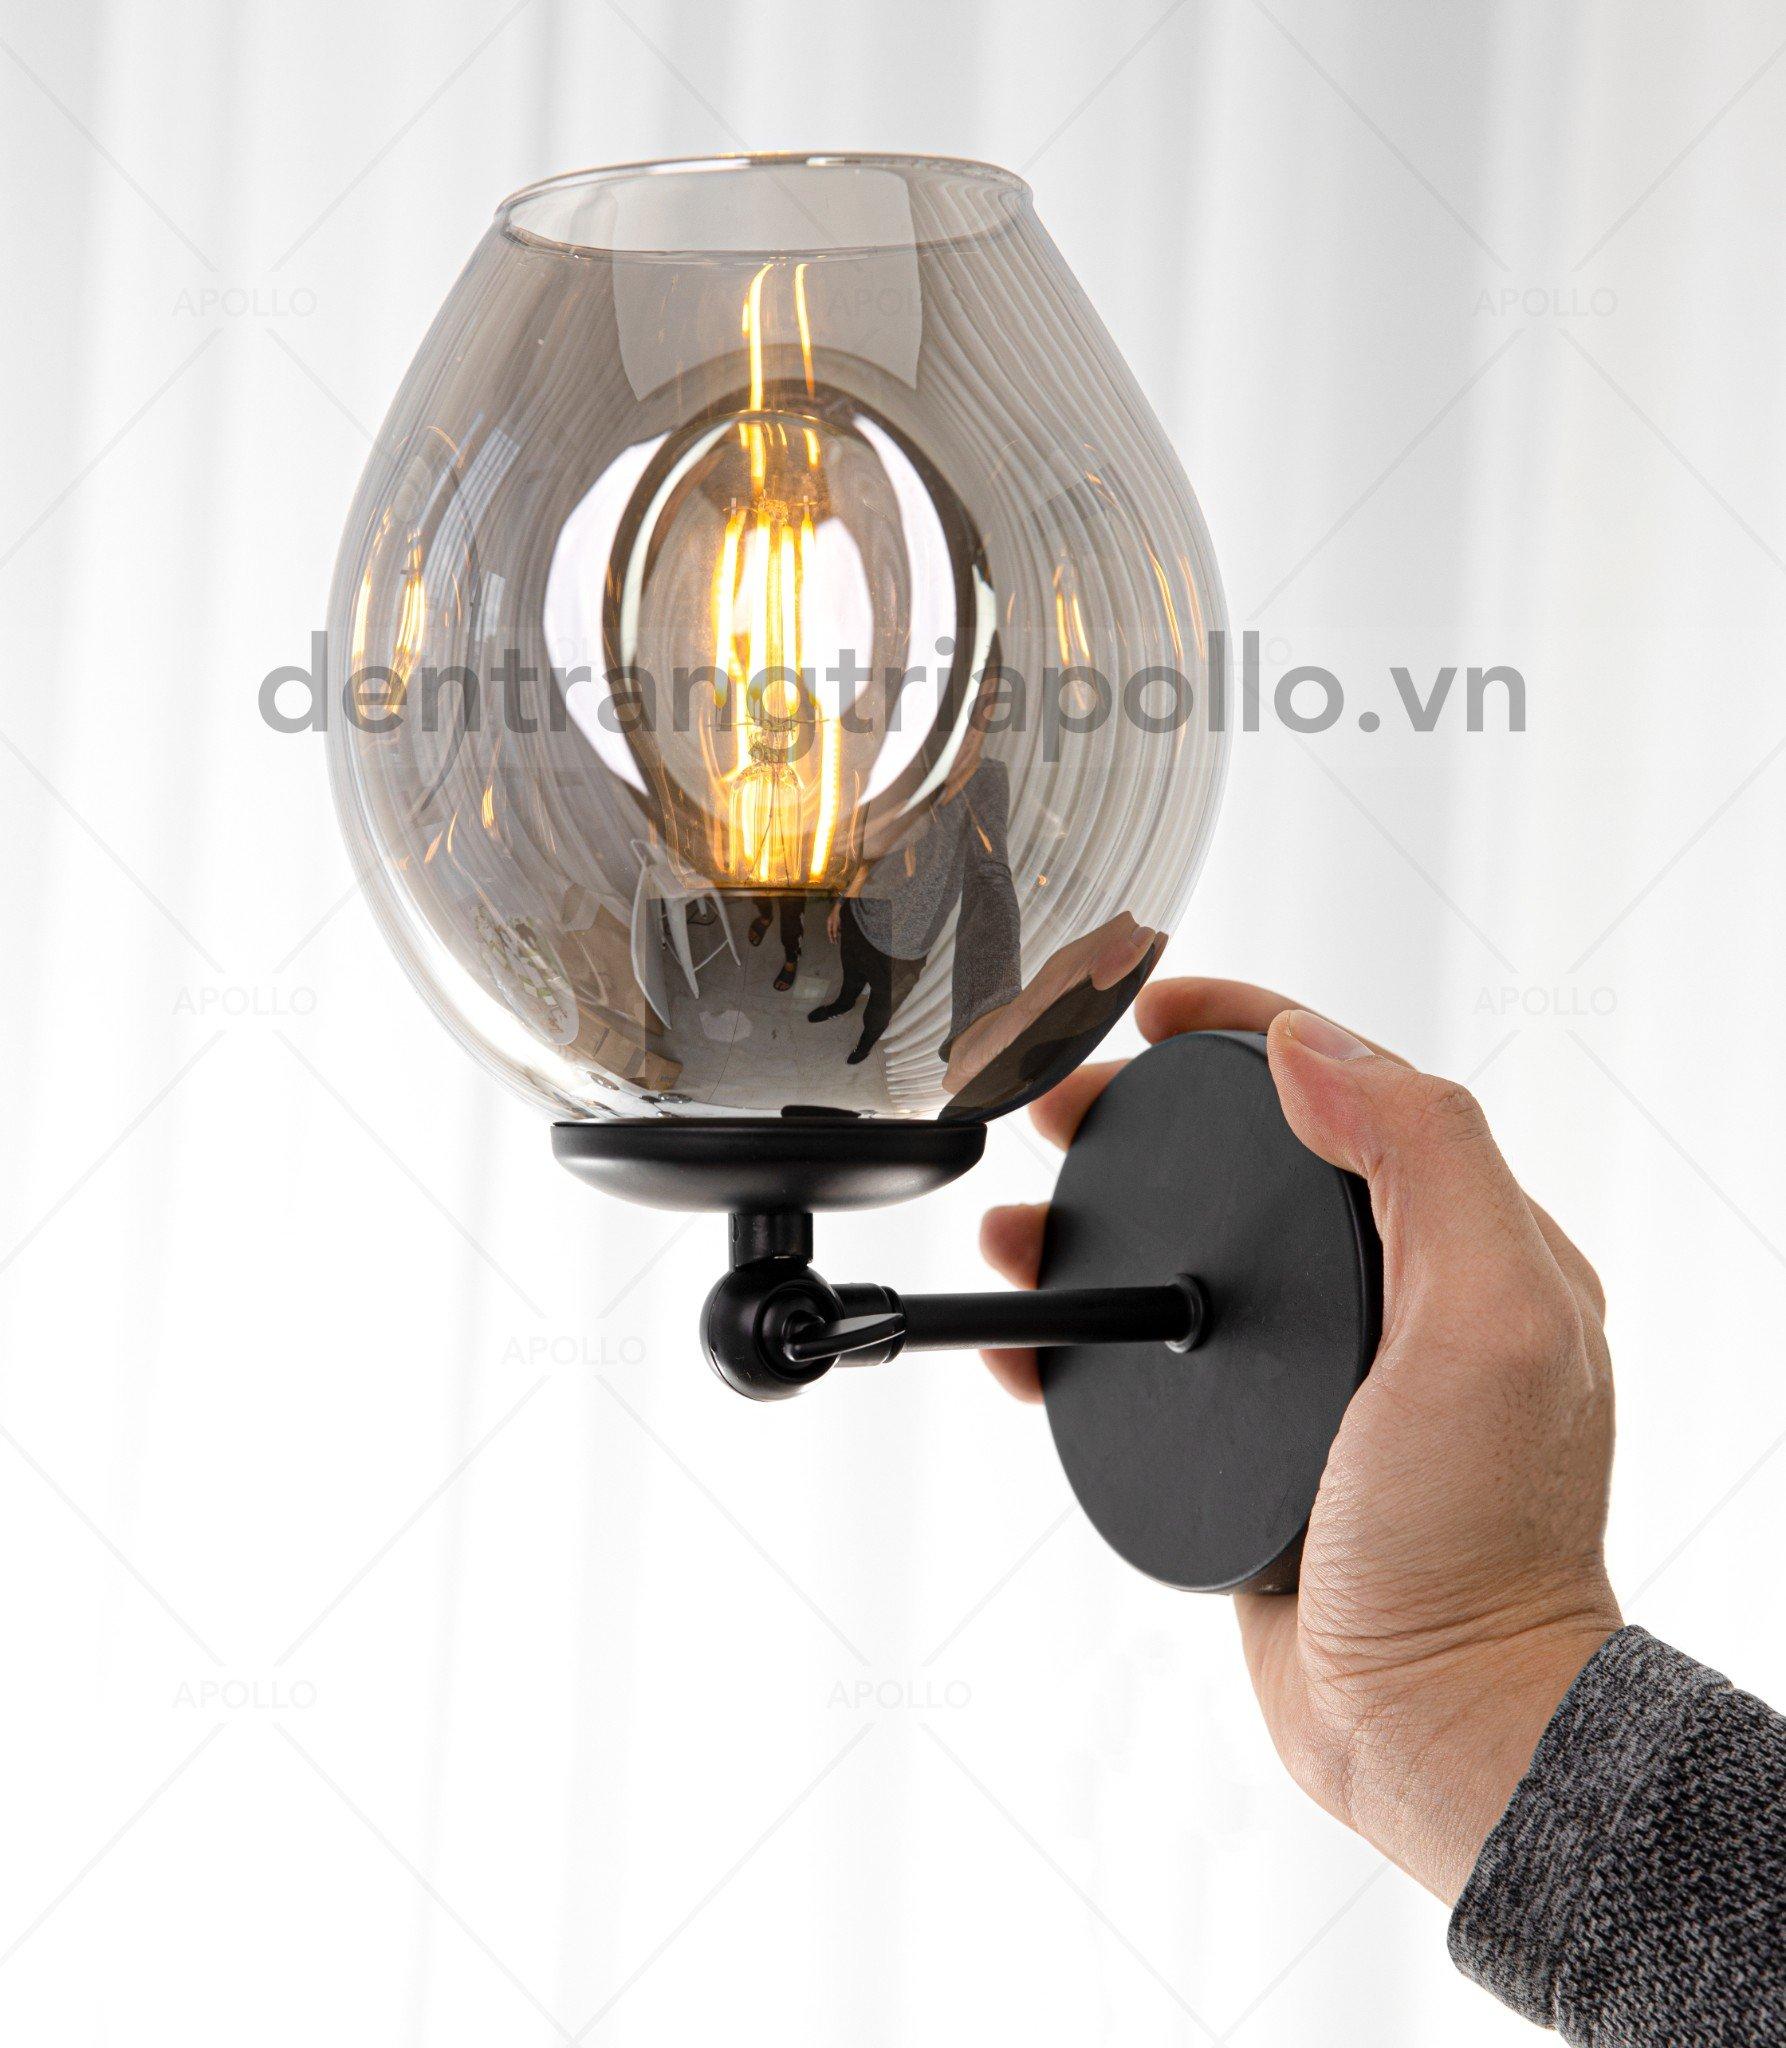 đèn tường lindsey đen